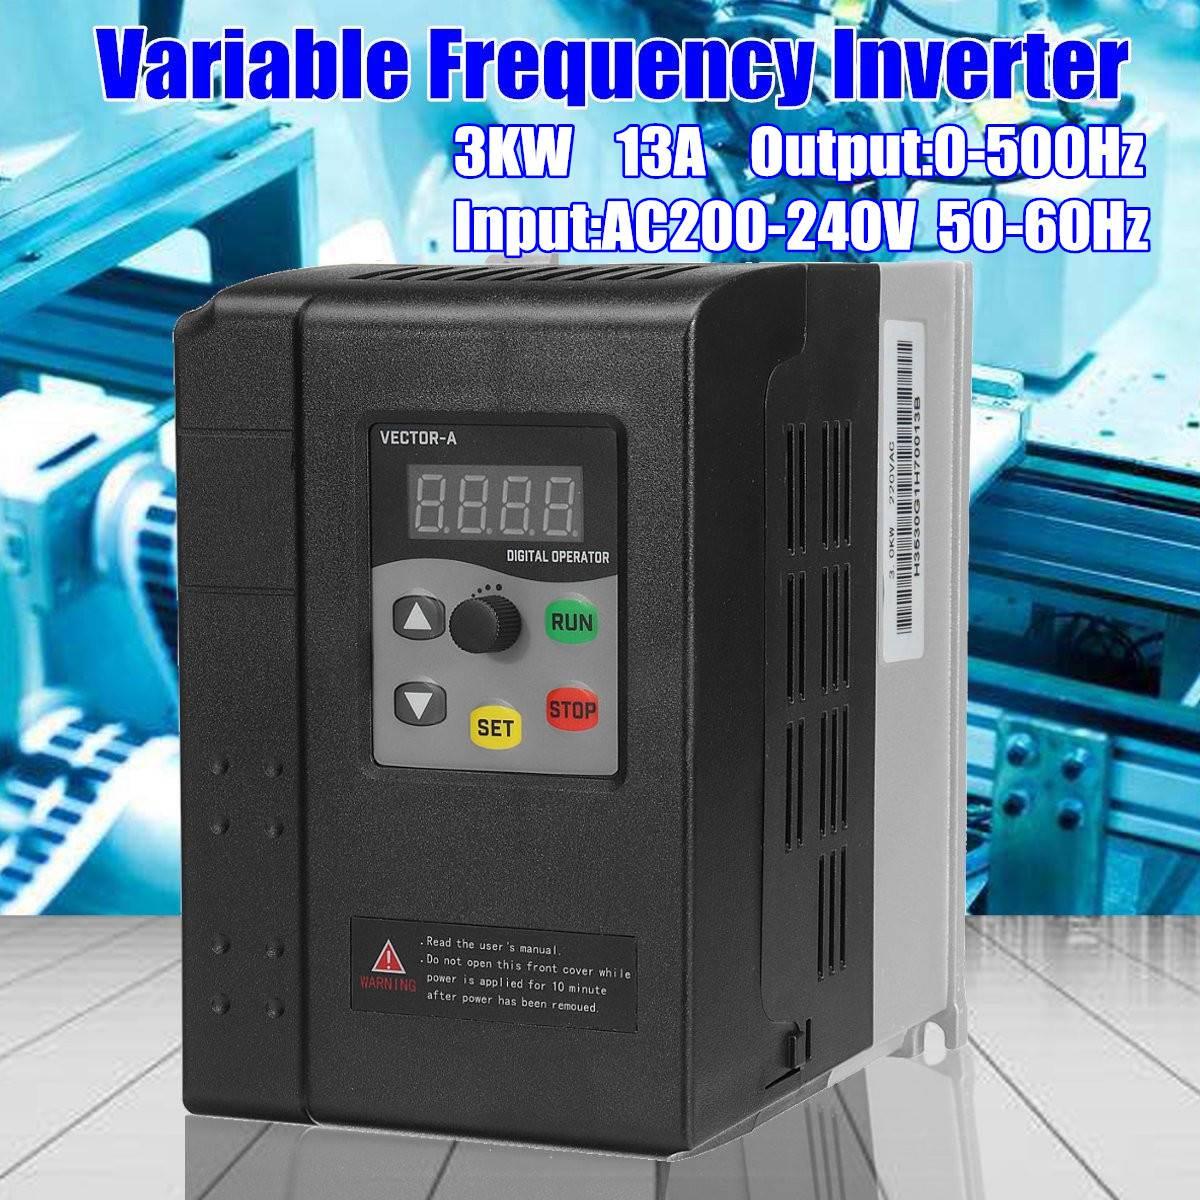 CNC Mandrino controllo di velocità del motore 220 v 3kw VFD Azionamento A Frequenza Variabile VFD 1 fase di ingresso 3 fase di frequenza di uscita inverter